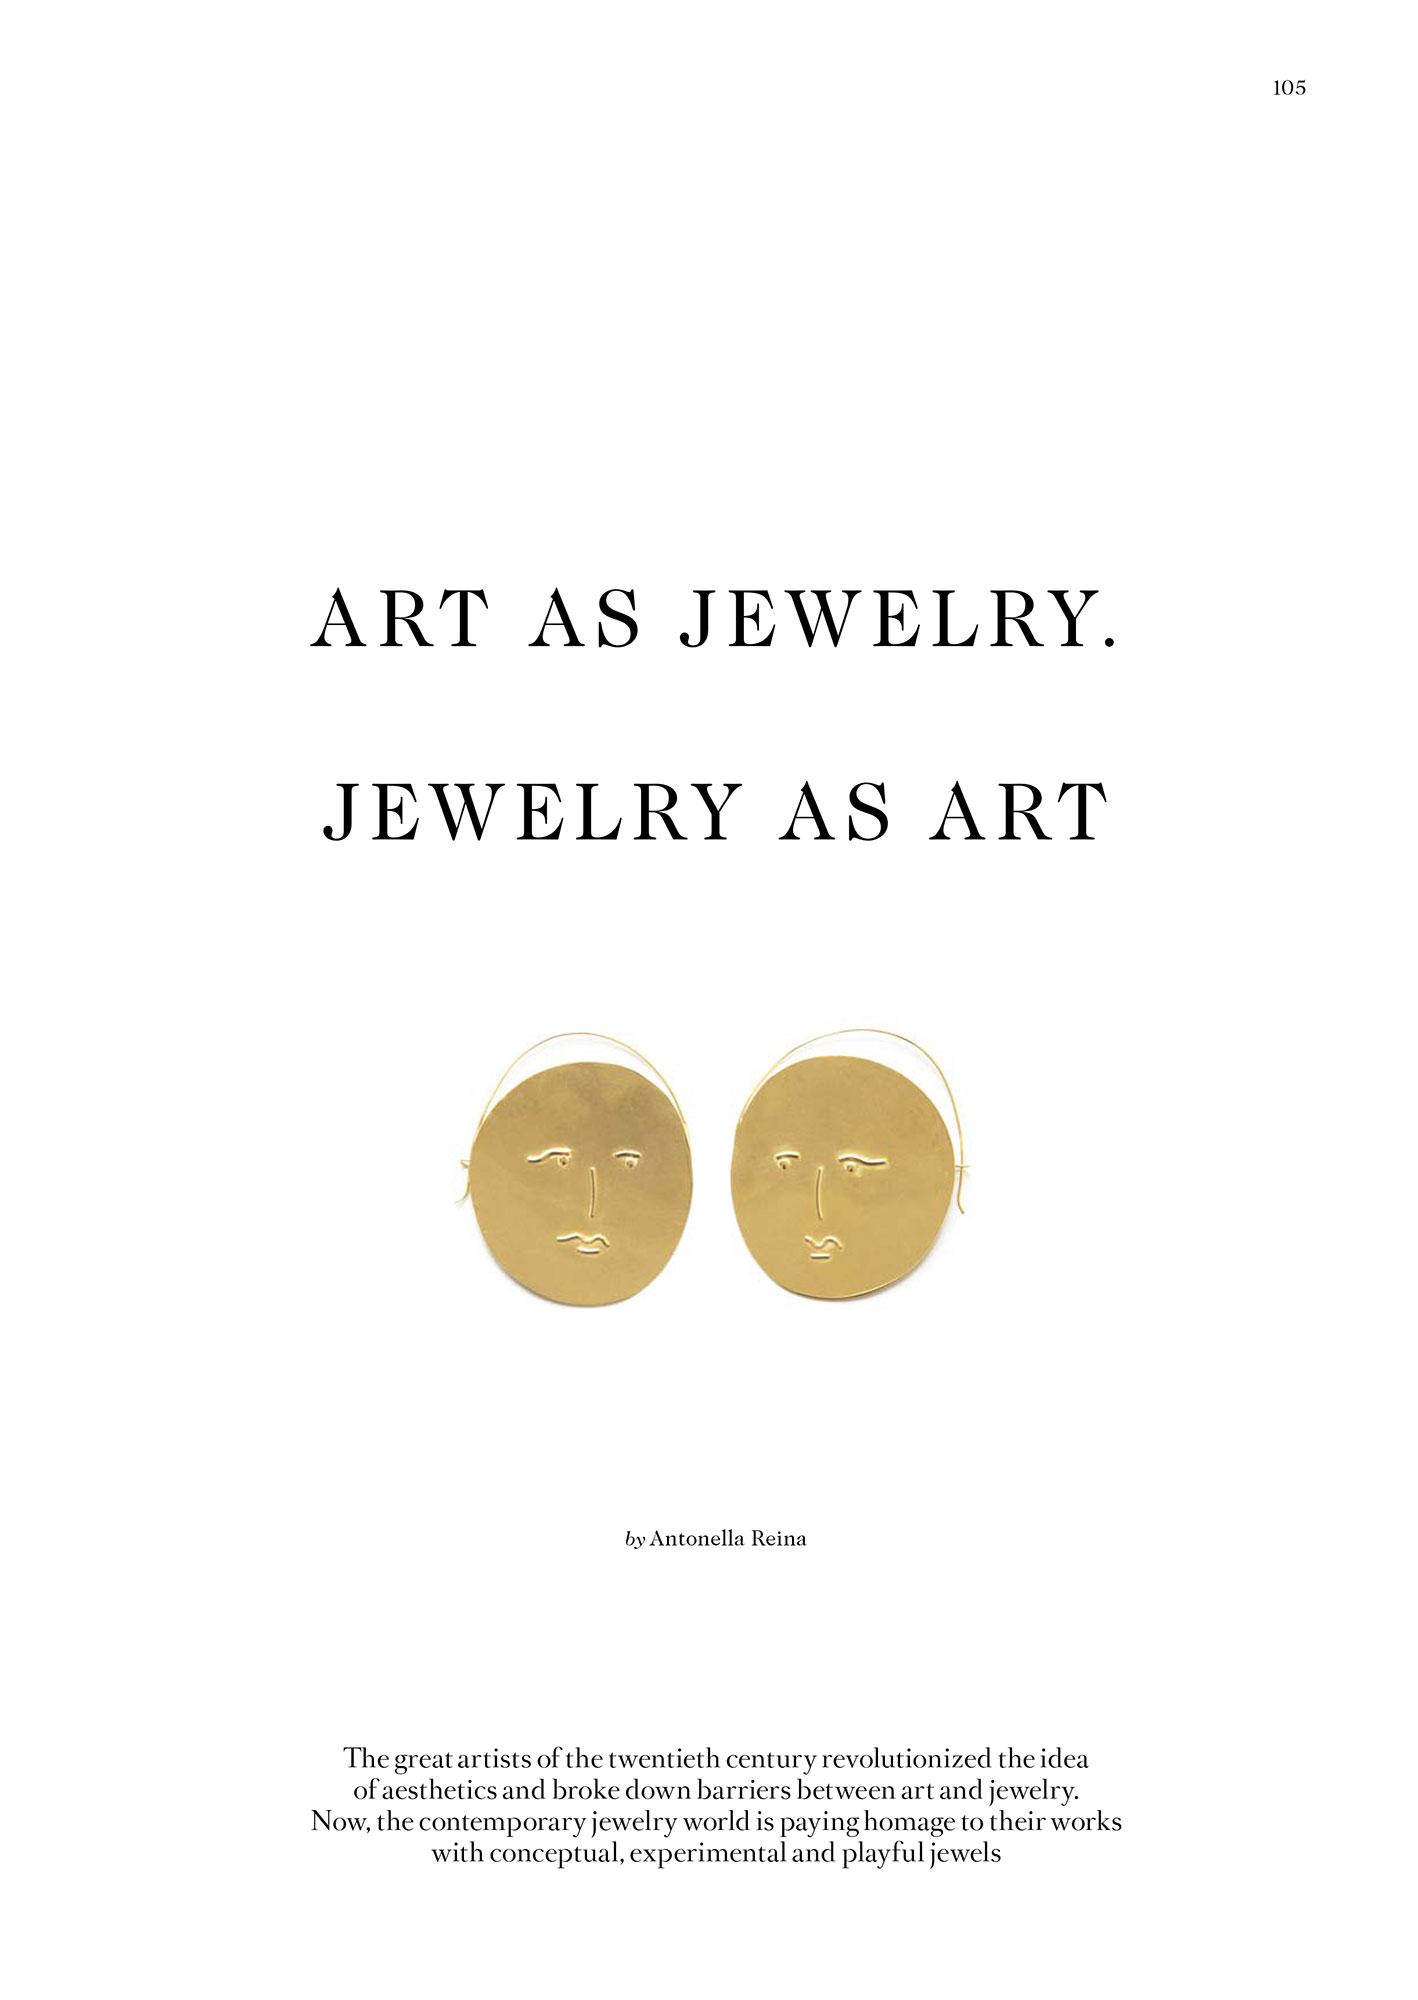 VO+ - Art as jewelry. Jewelry as art.